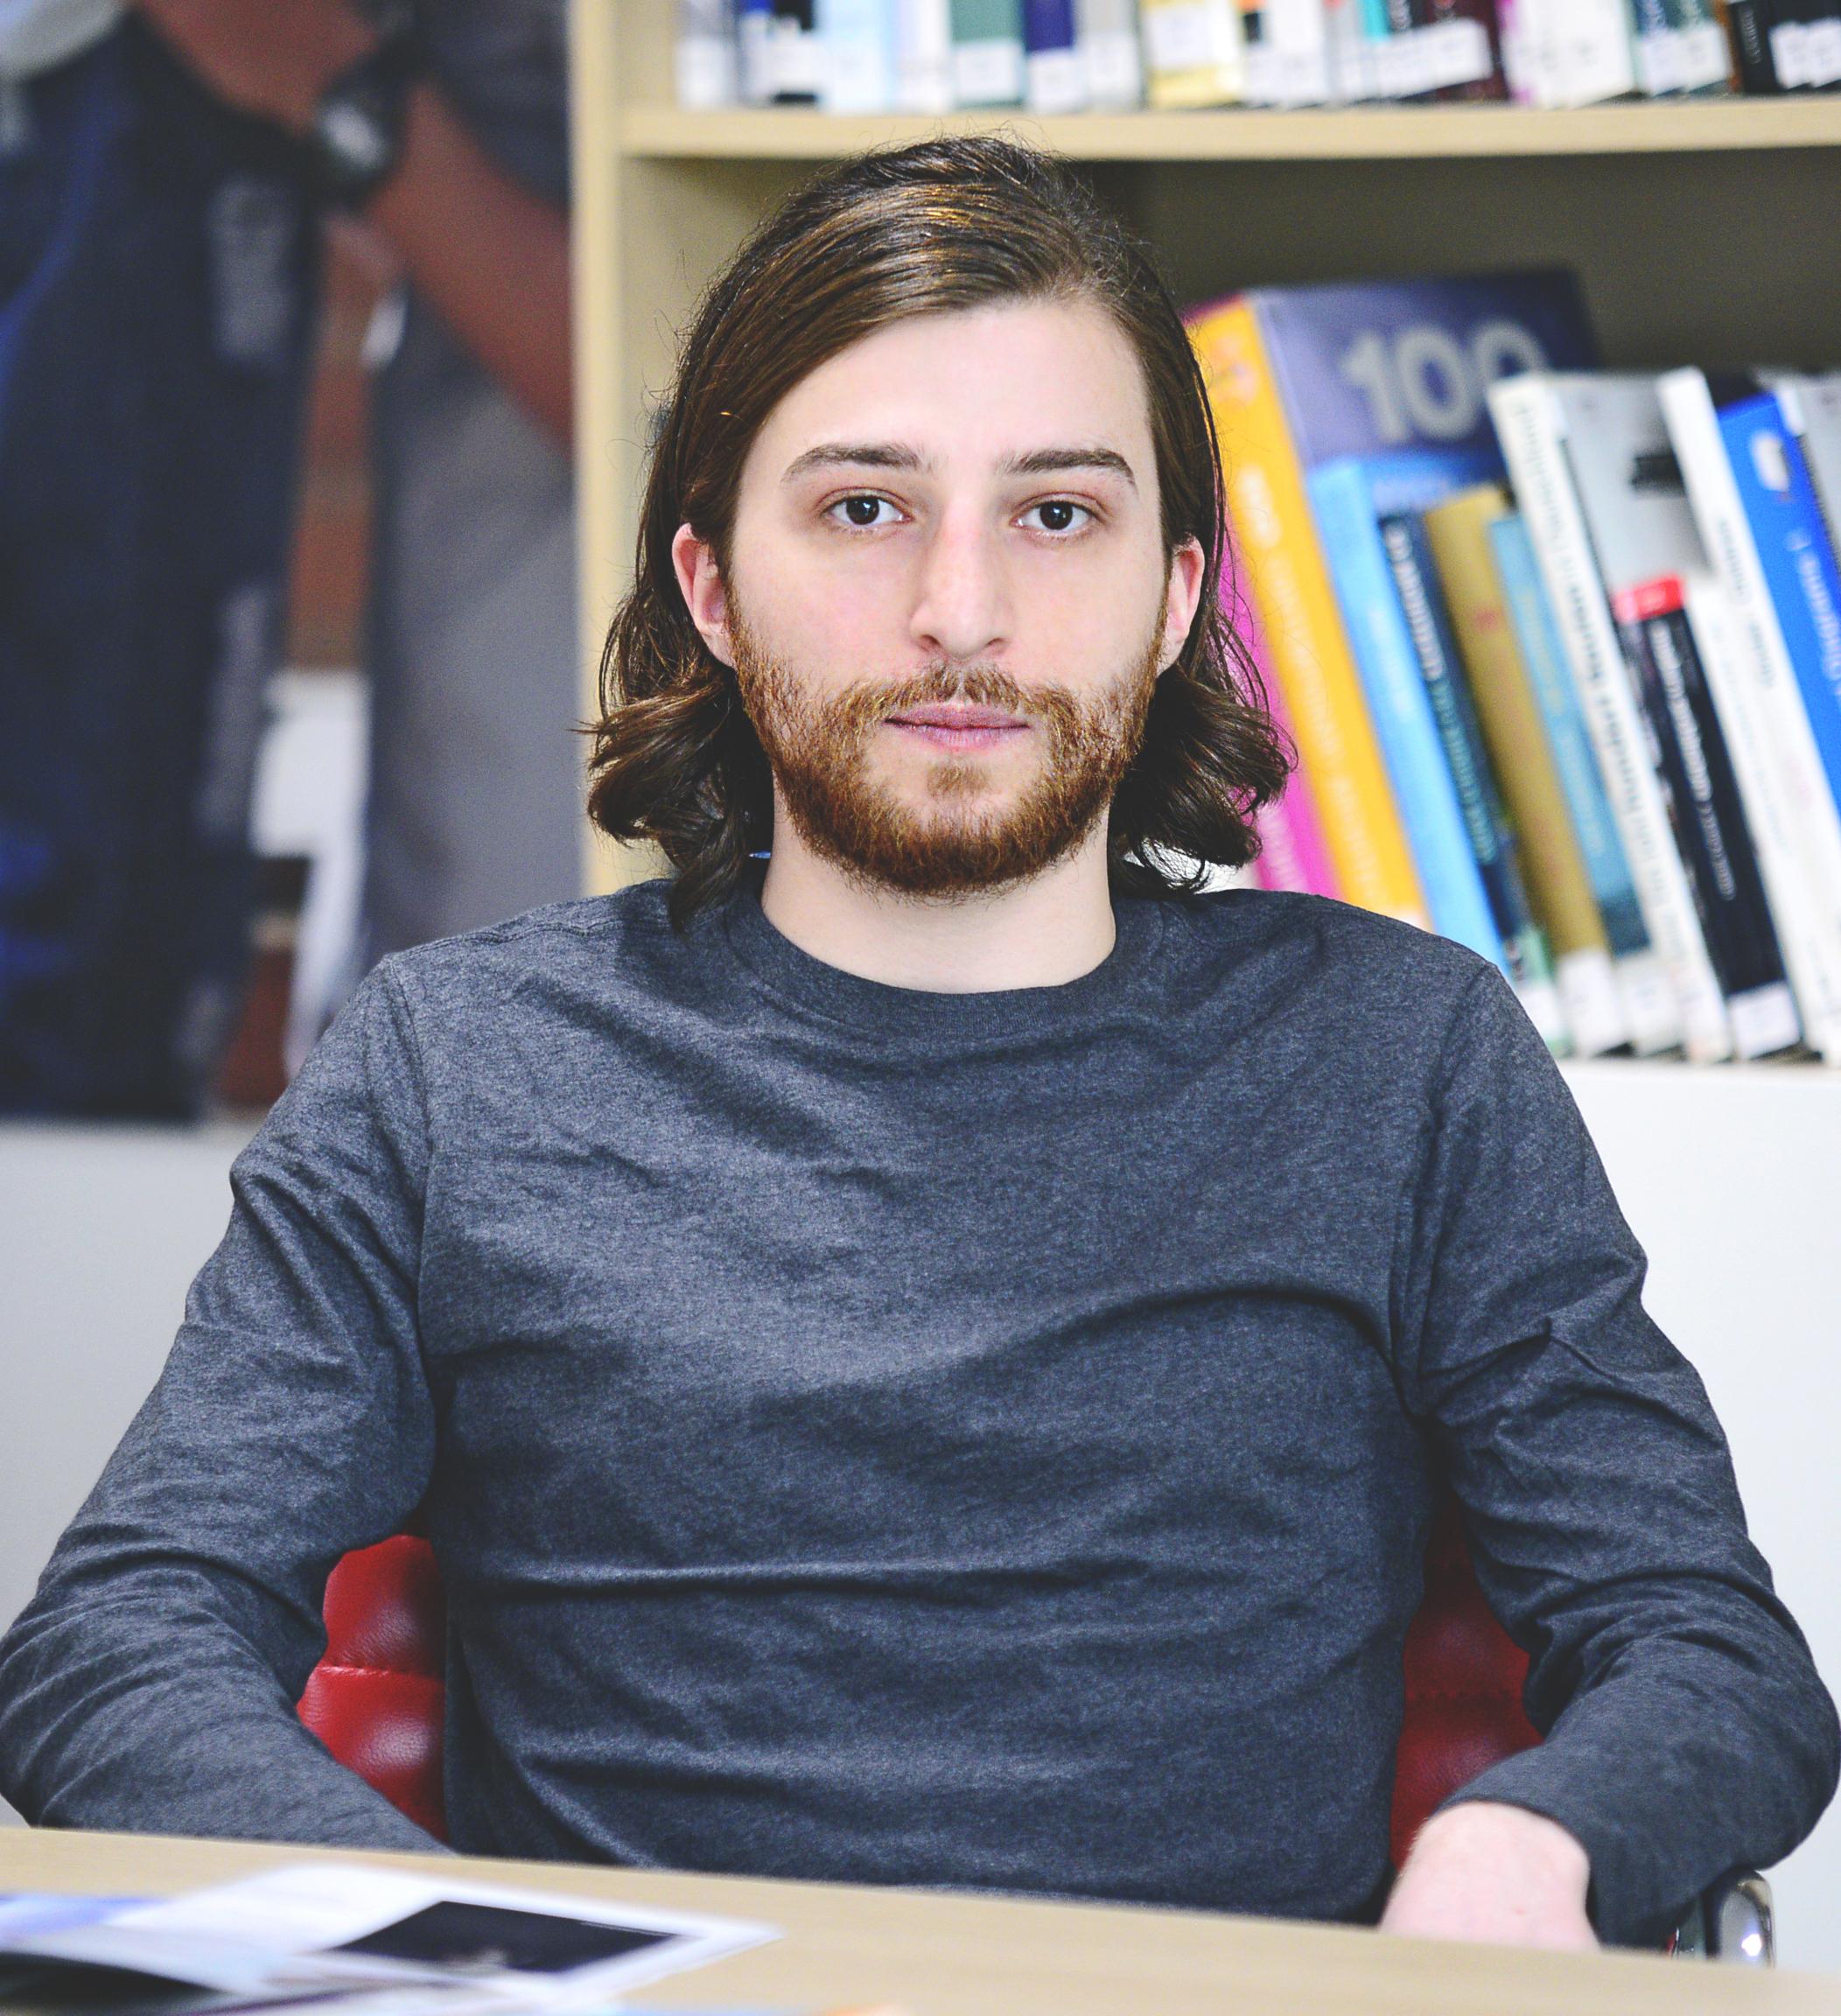 უფროსი სპეციალისტი – სანდრო ბურჯანაძე  sandro.burjanadze@iliauni.edu.ge  moodle@iliauni.edu.ge